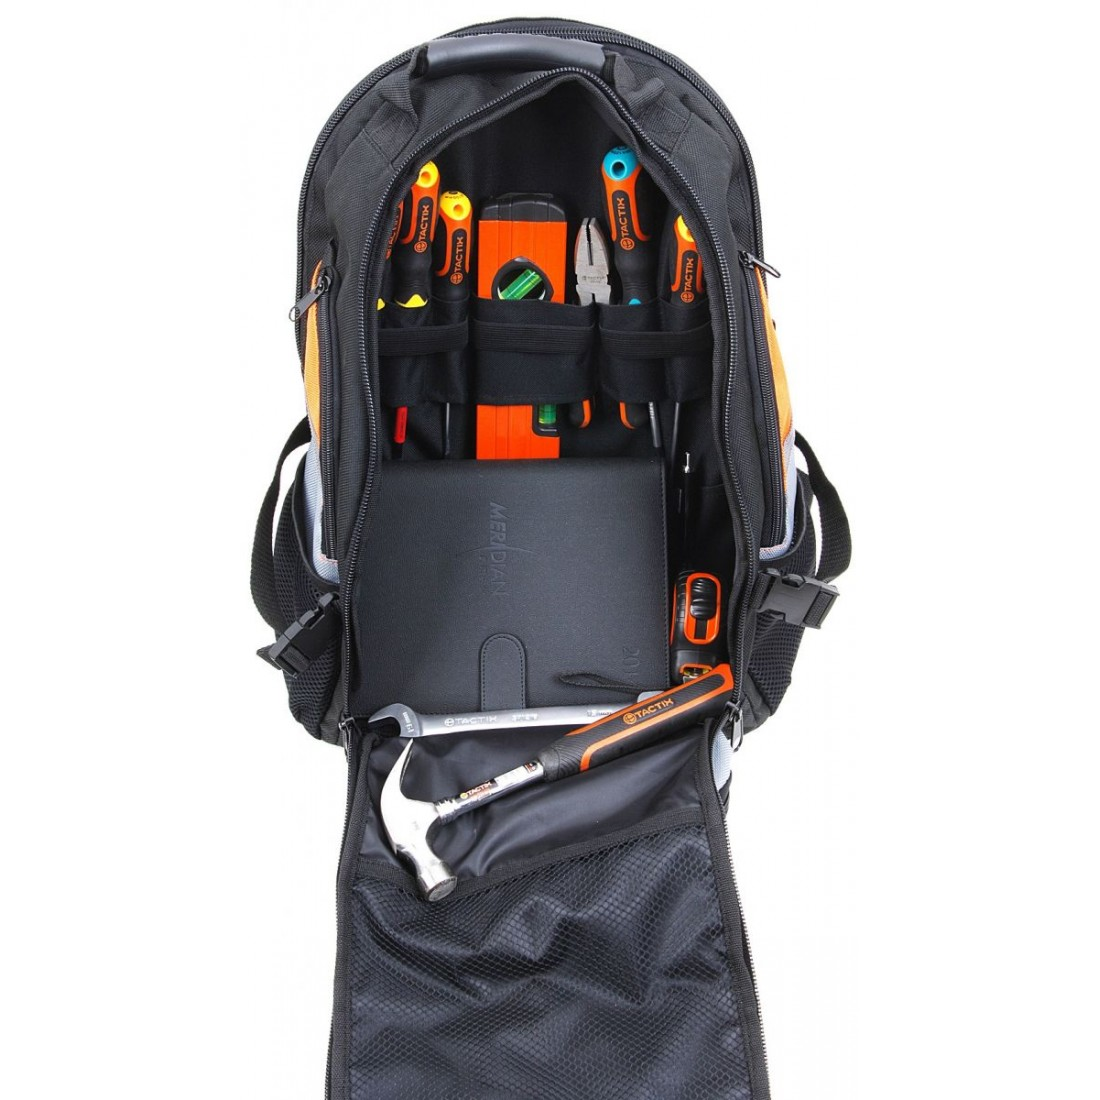 0c16d52c5f Tactix - Τσάντα εργαλείων πλάτης  323147 - Δαυλάς